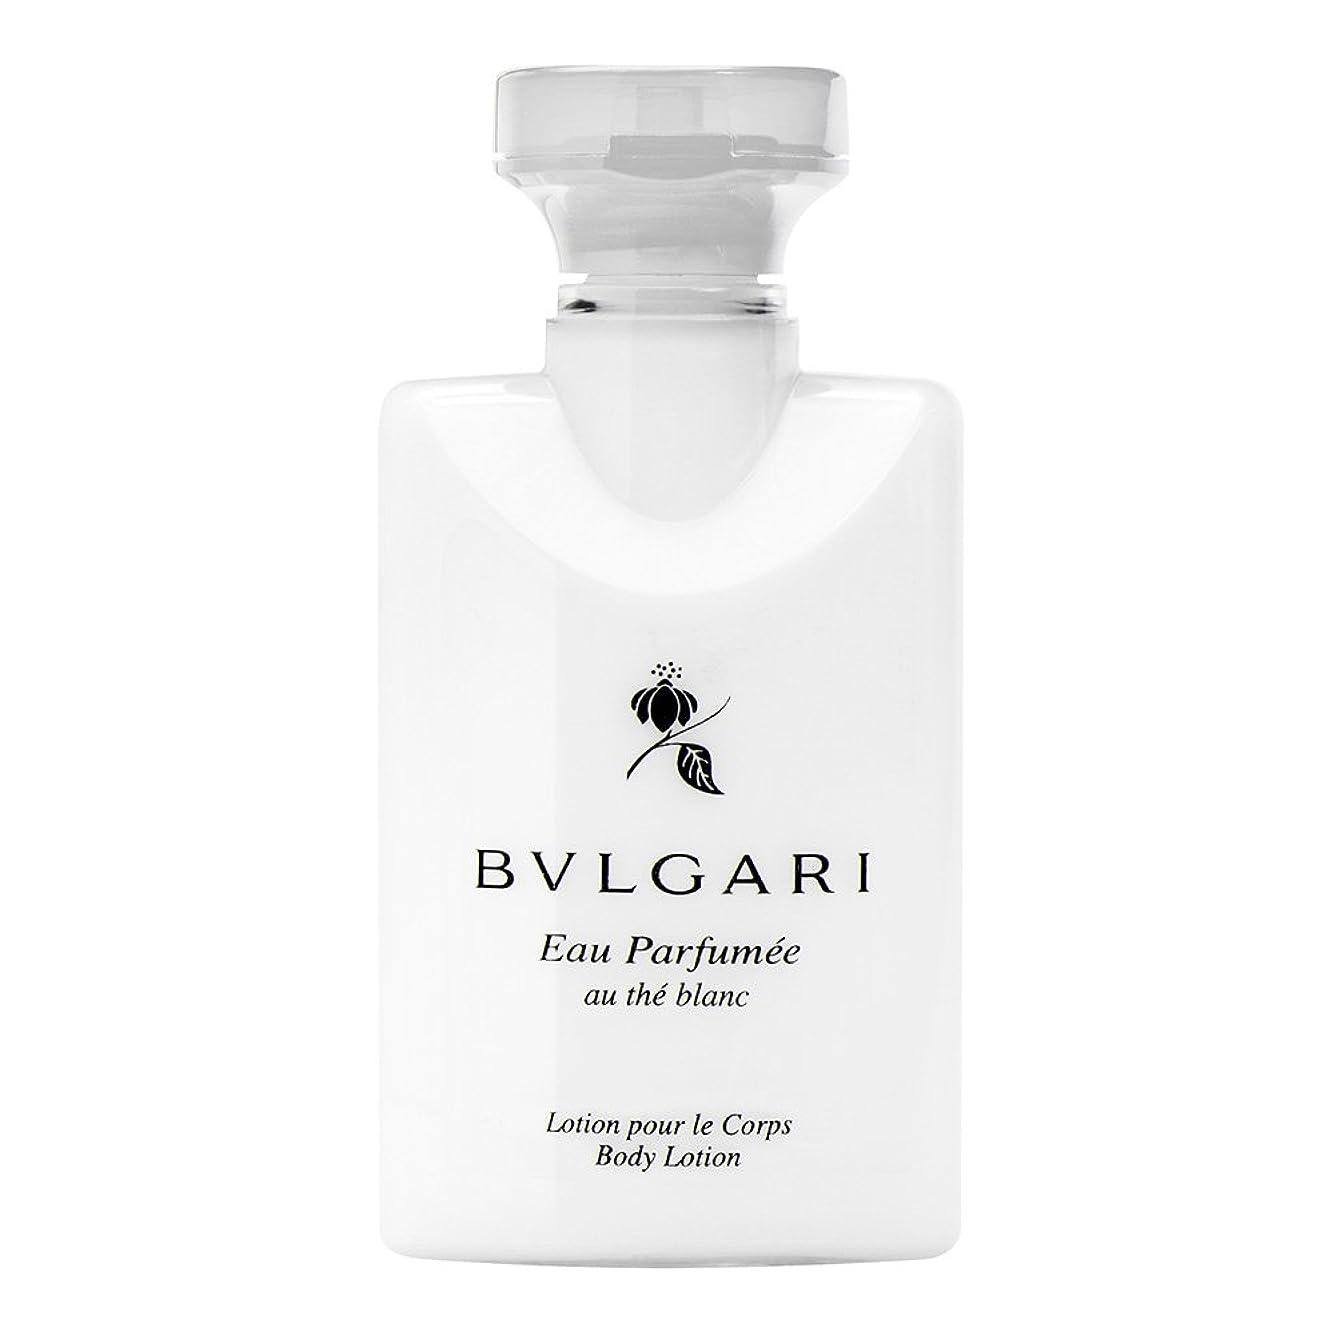 不測の事態言及する貴重なBvlgari Eau Parfumee Au The Blanc (ブルガリ オー パフュ-メ オウ ブラン) 2.5 oz (75ml) Body Lotion ボディーローション